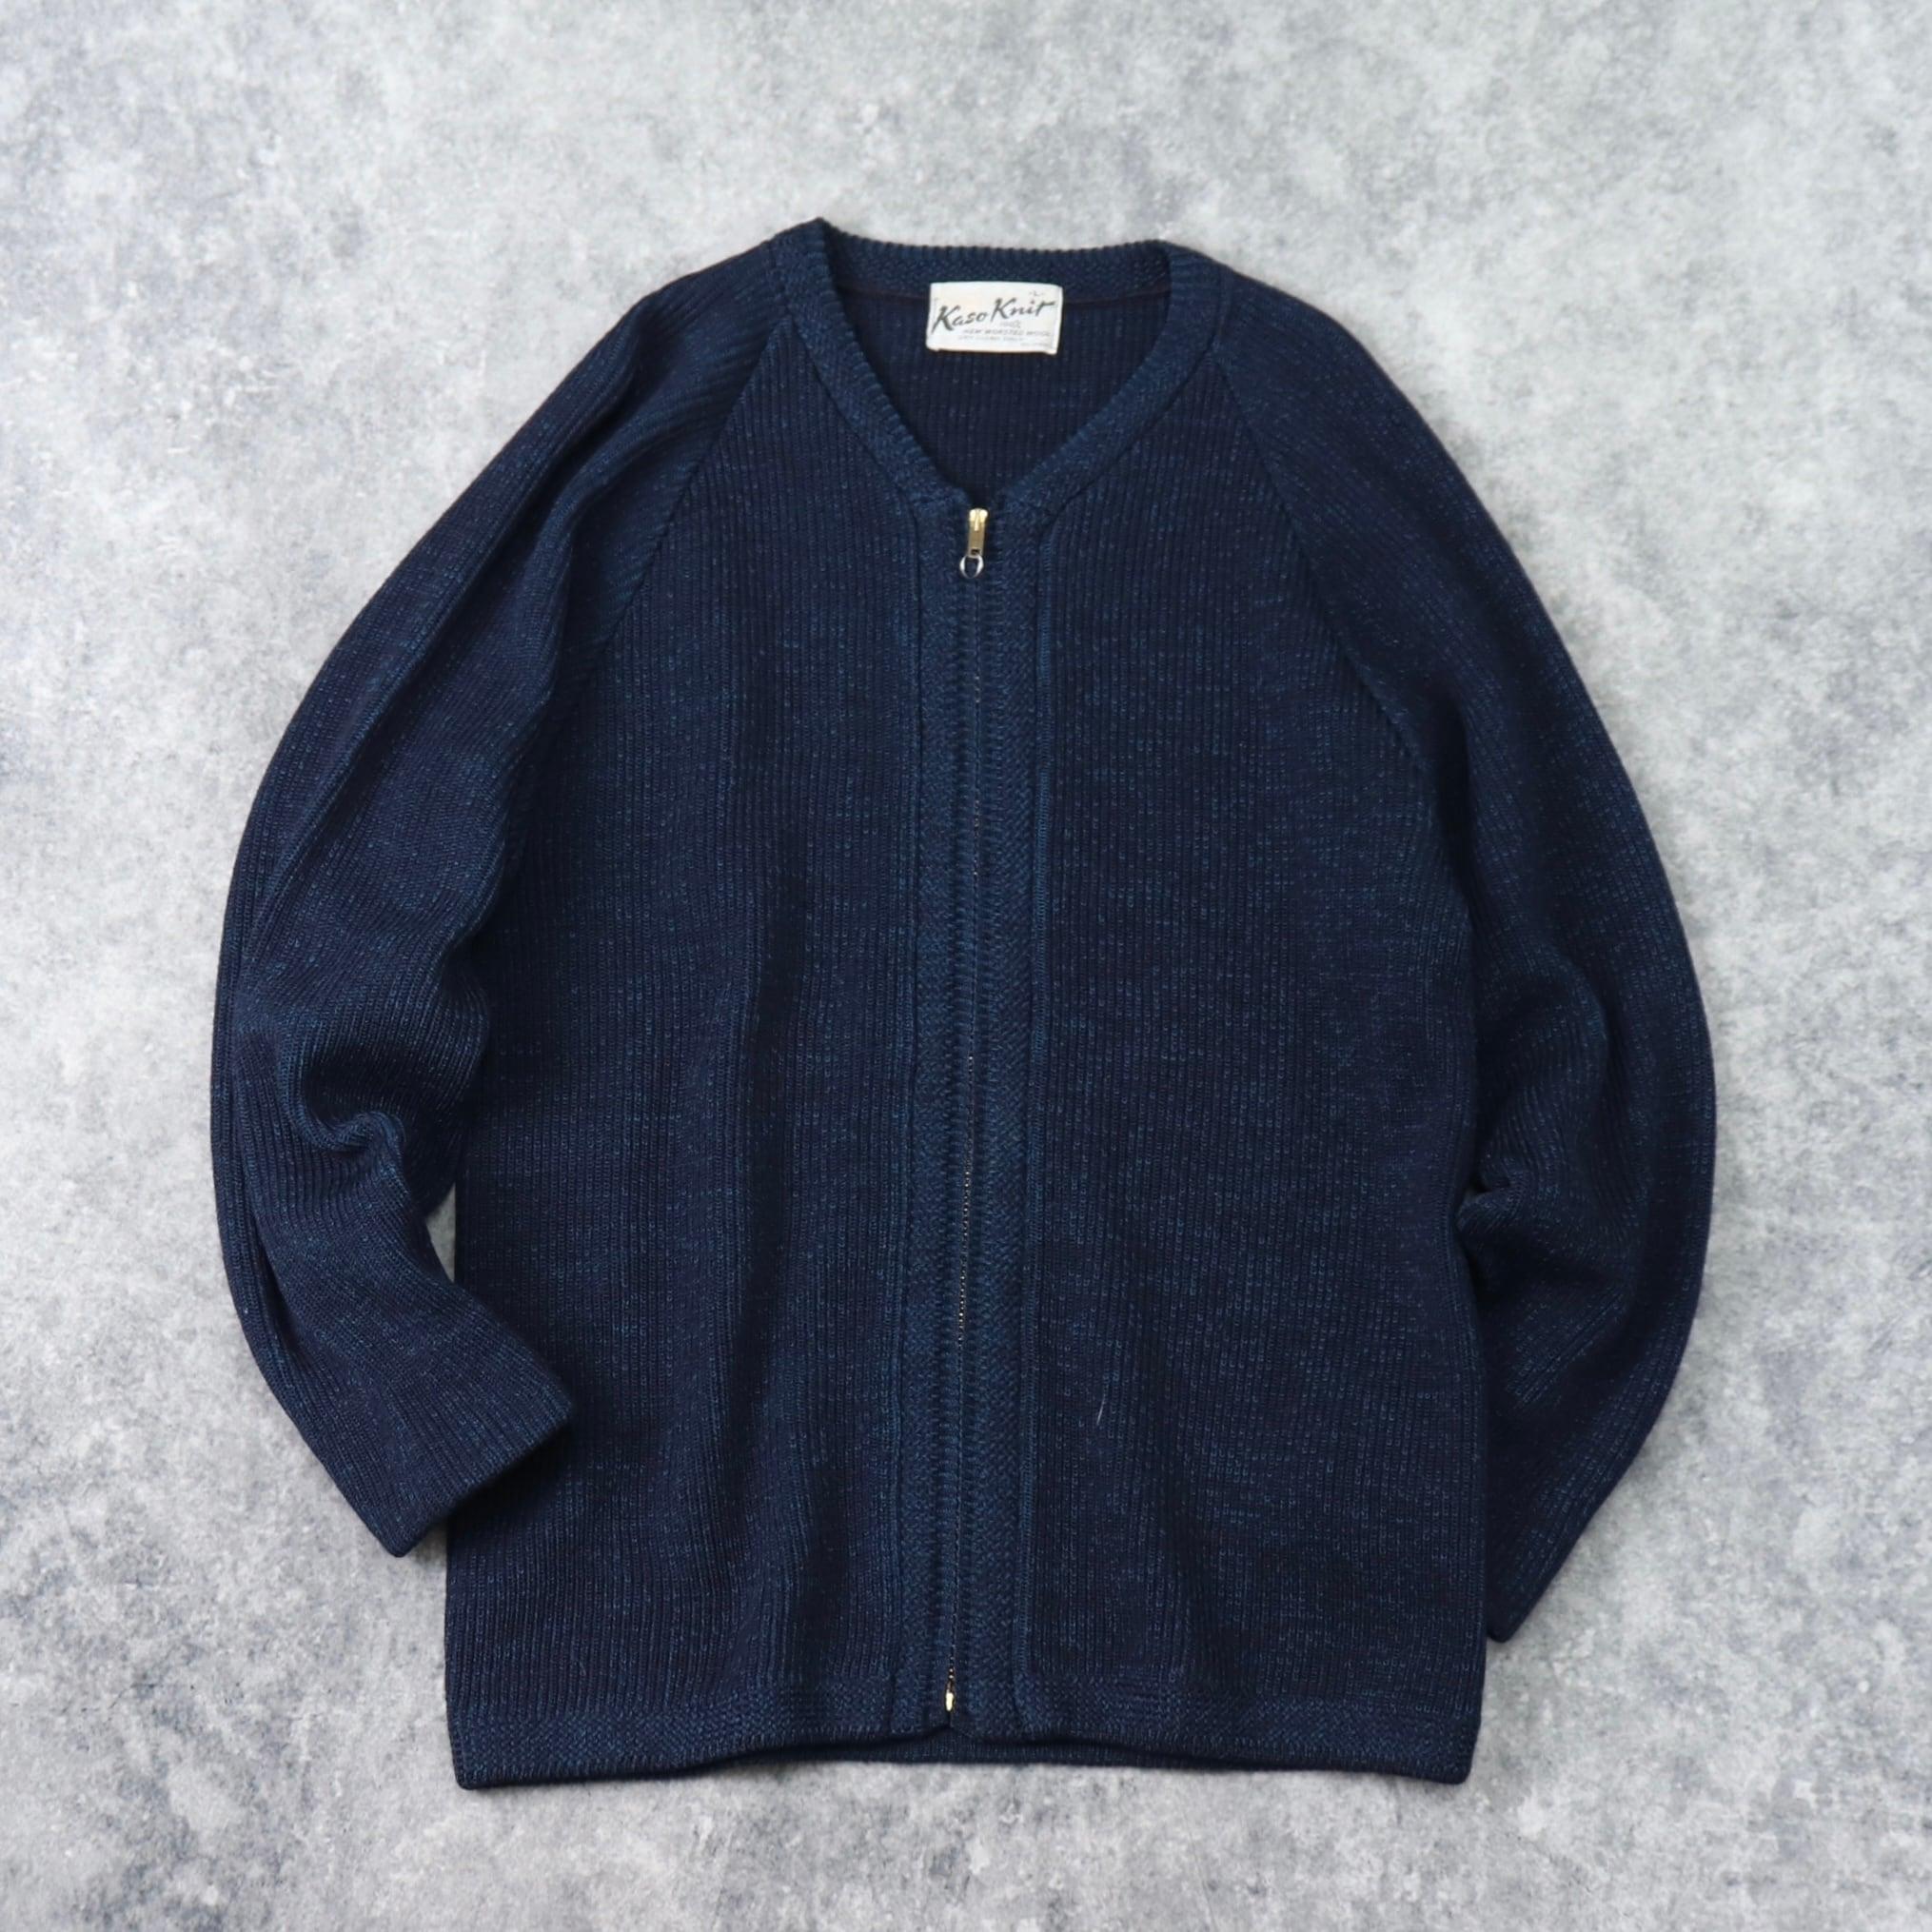 """1960s  """" Kaso Knit """"   Vintage   Zip Up  Wool  Cardigan   L b229"""